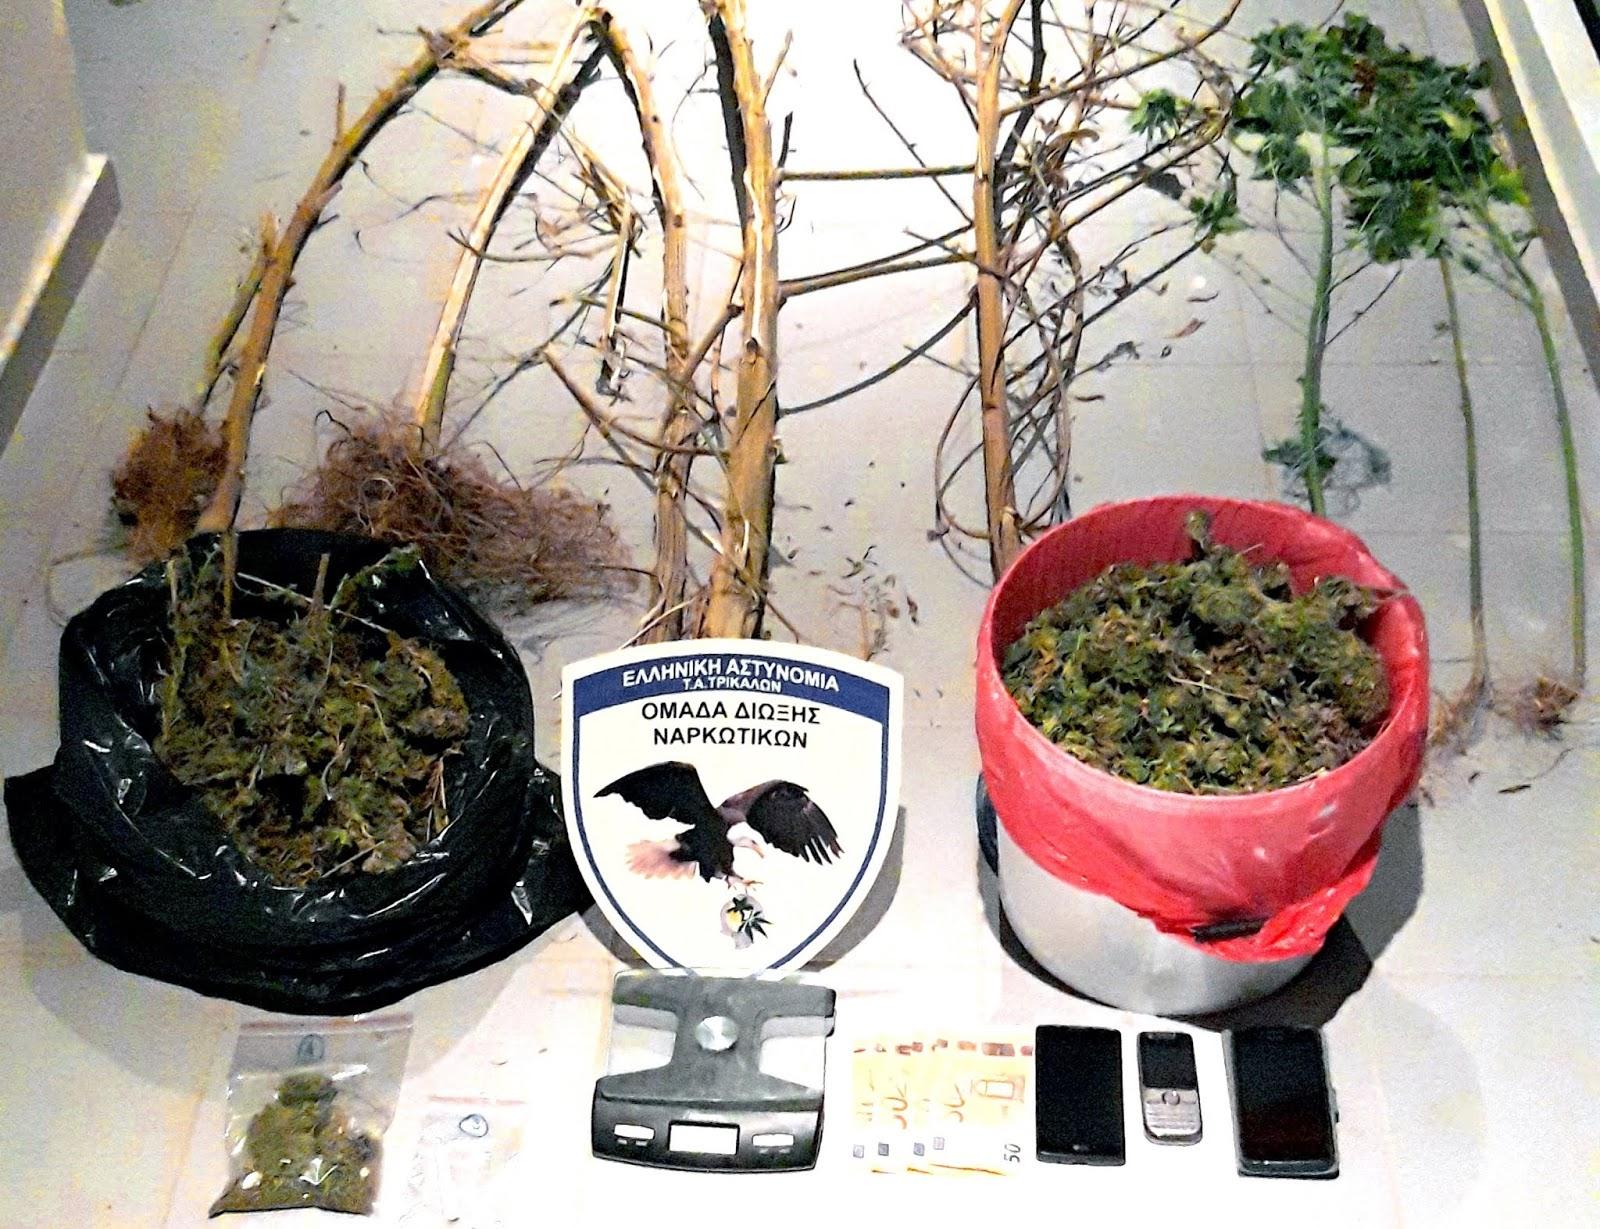 Συνελήφθησαν τρία άτομα στα Τρίκαλα για ναρκωτικά